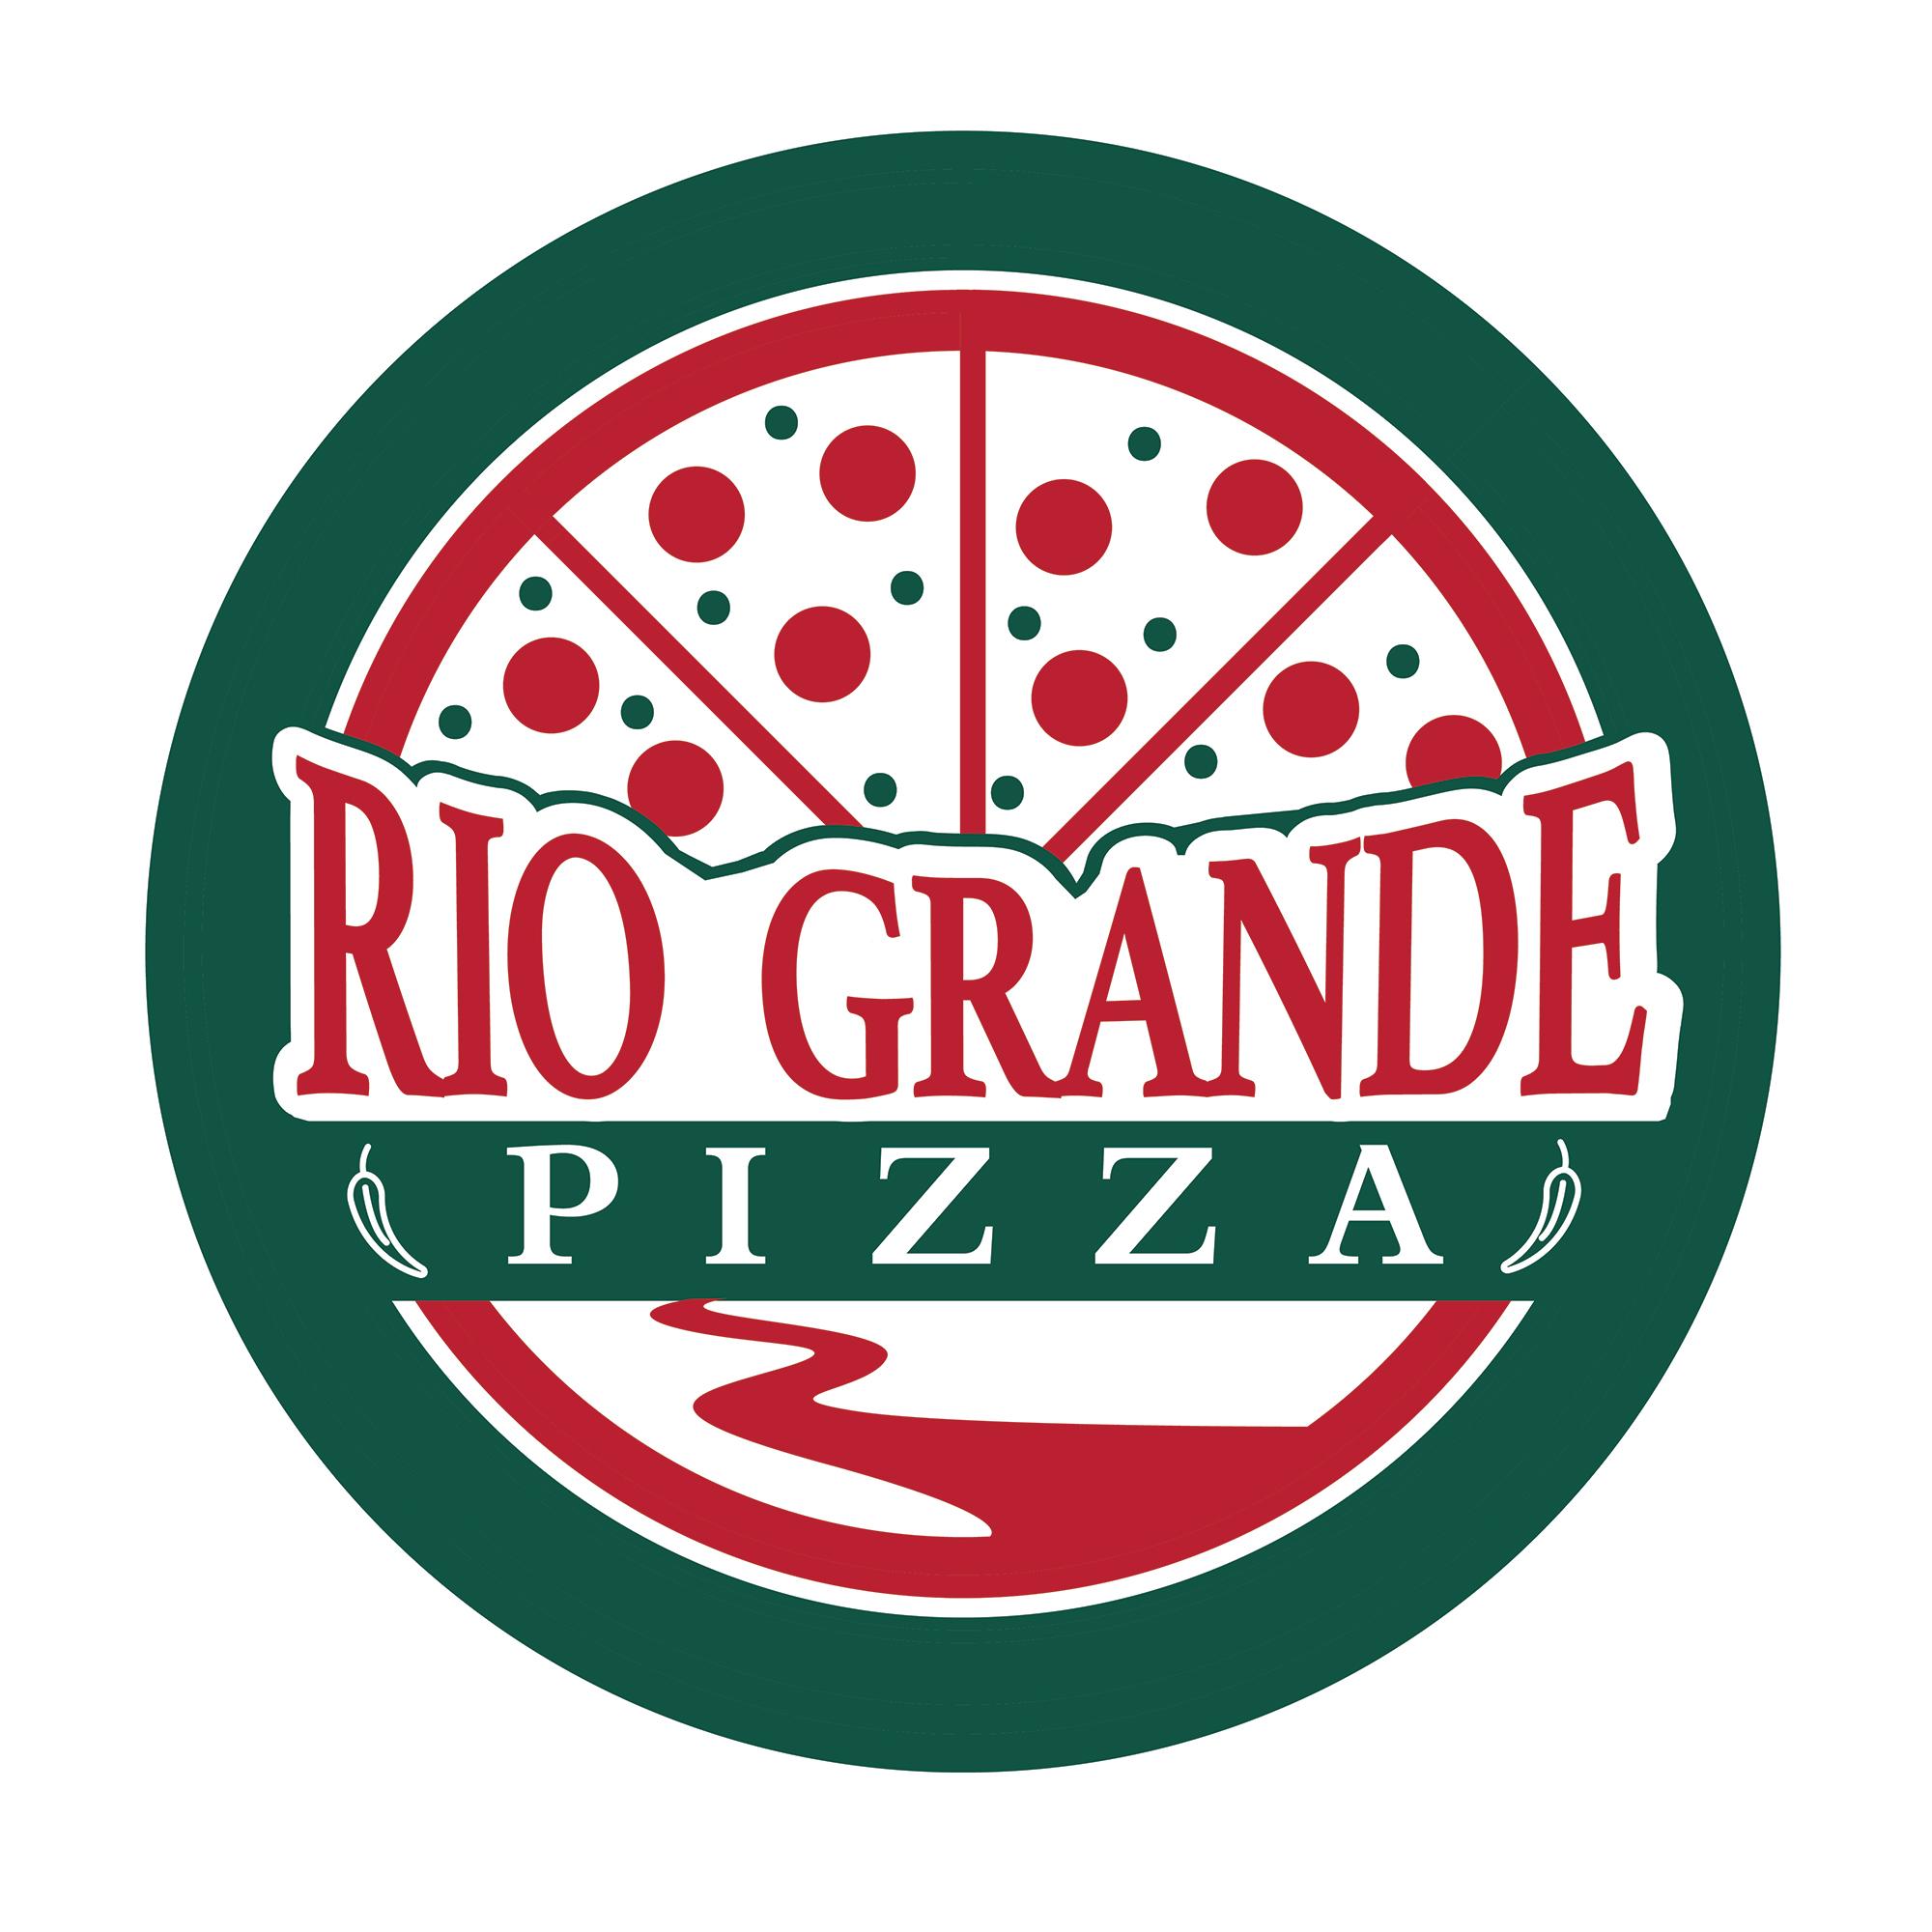 Logo Design Samples 4 Rio Grande Pizza Logo 051520